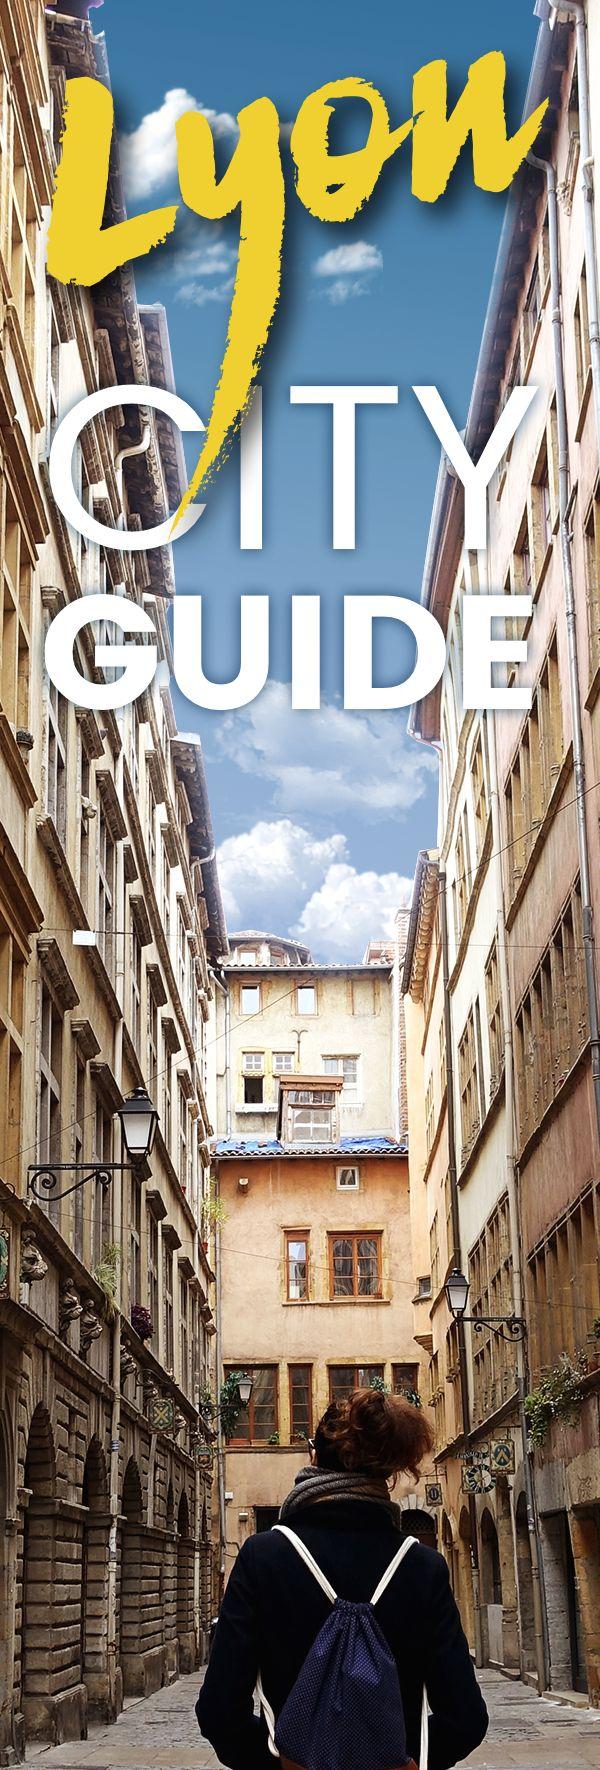 In Frankreichs kulinarischer Hauptstadt Lyon haben wir eine fantastische Zeit verbracht. Die Stadt der Traboules hält unglaublich schöne überraschungen bereit!